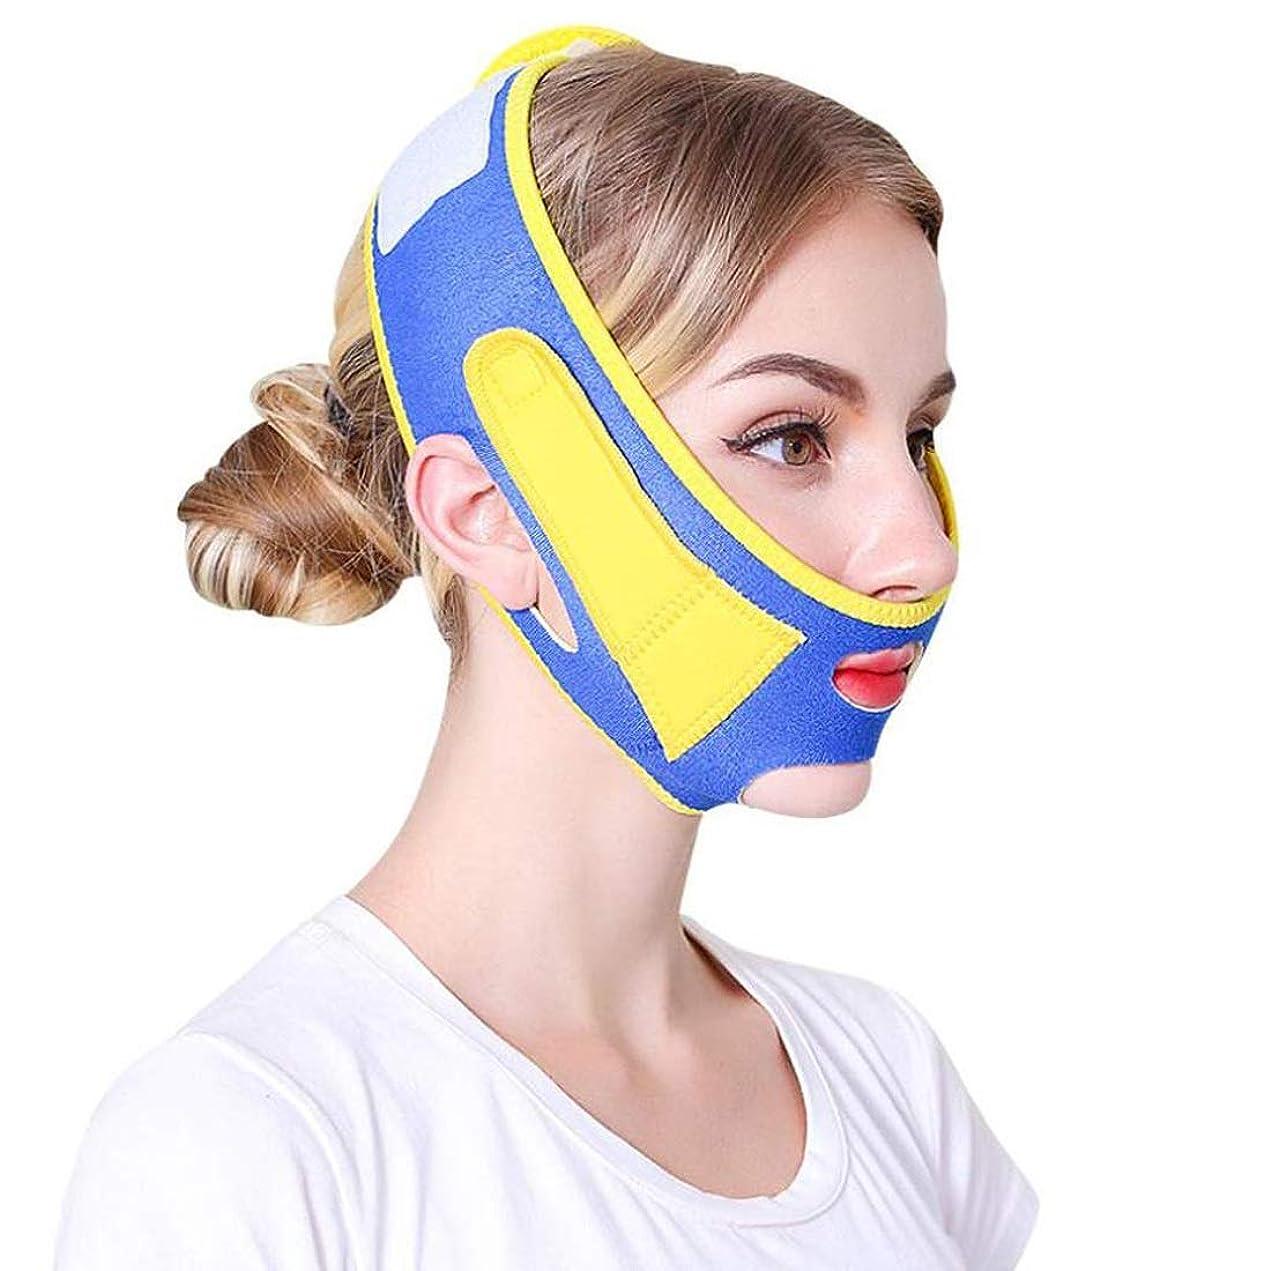 ヶ月目プラスチック軍ZWBD フェイスマスク, フェイスリフト包帯抗たるみvフェイスリフティング包帯整形二重あご青黄色